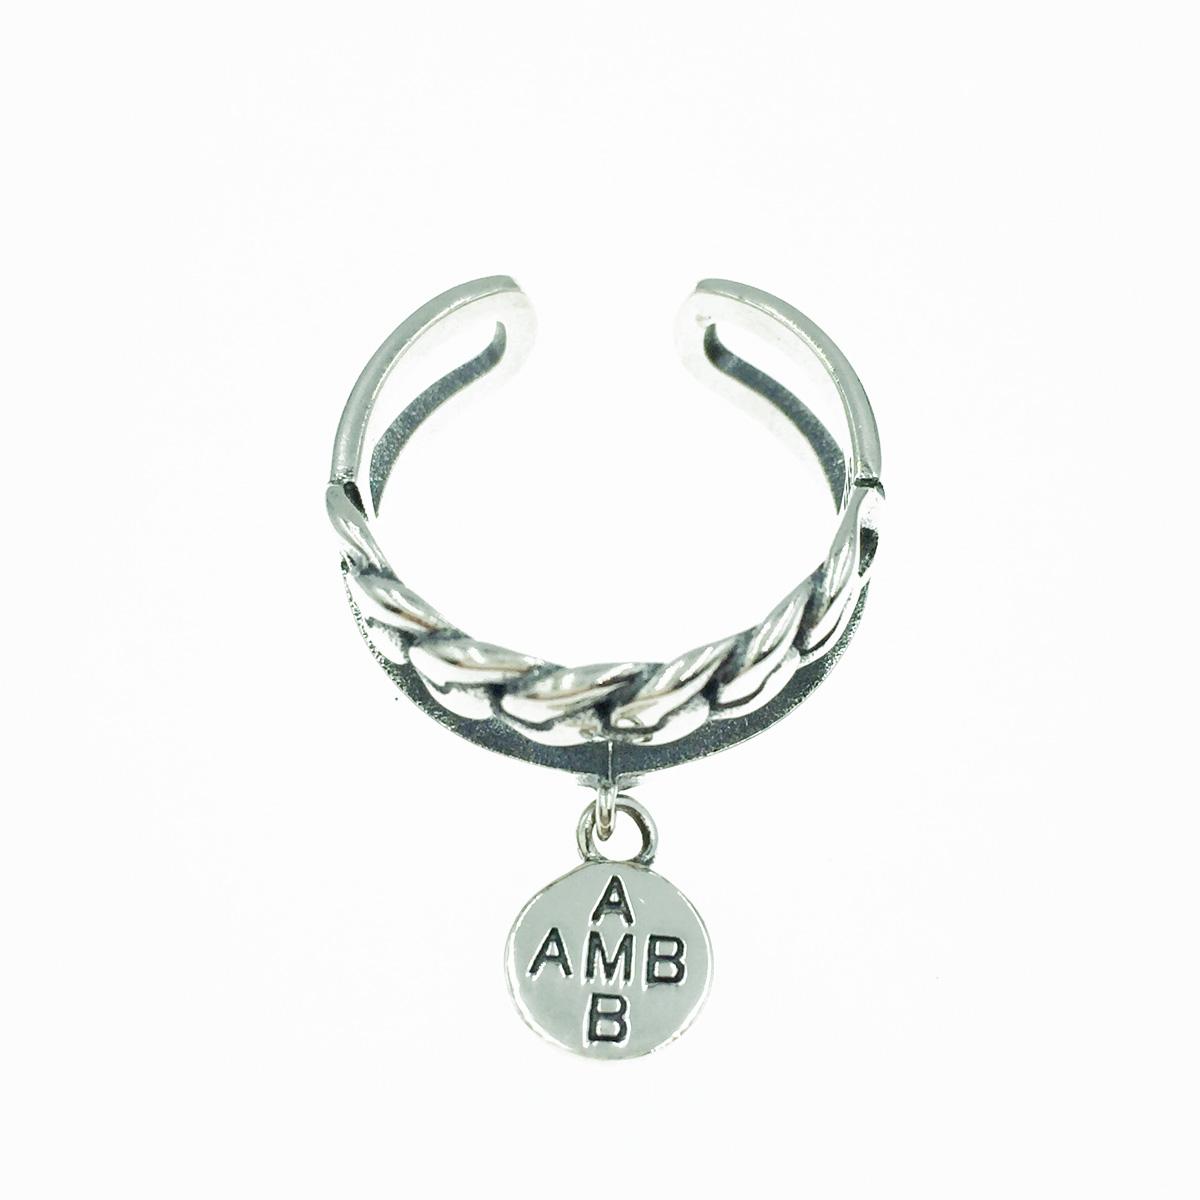 韓國 925純銀 簍空 麻花 垂墜金屬吊牌 寬版 可調式 戒指